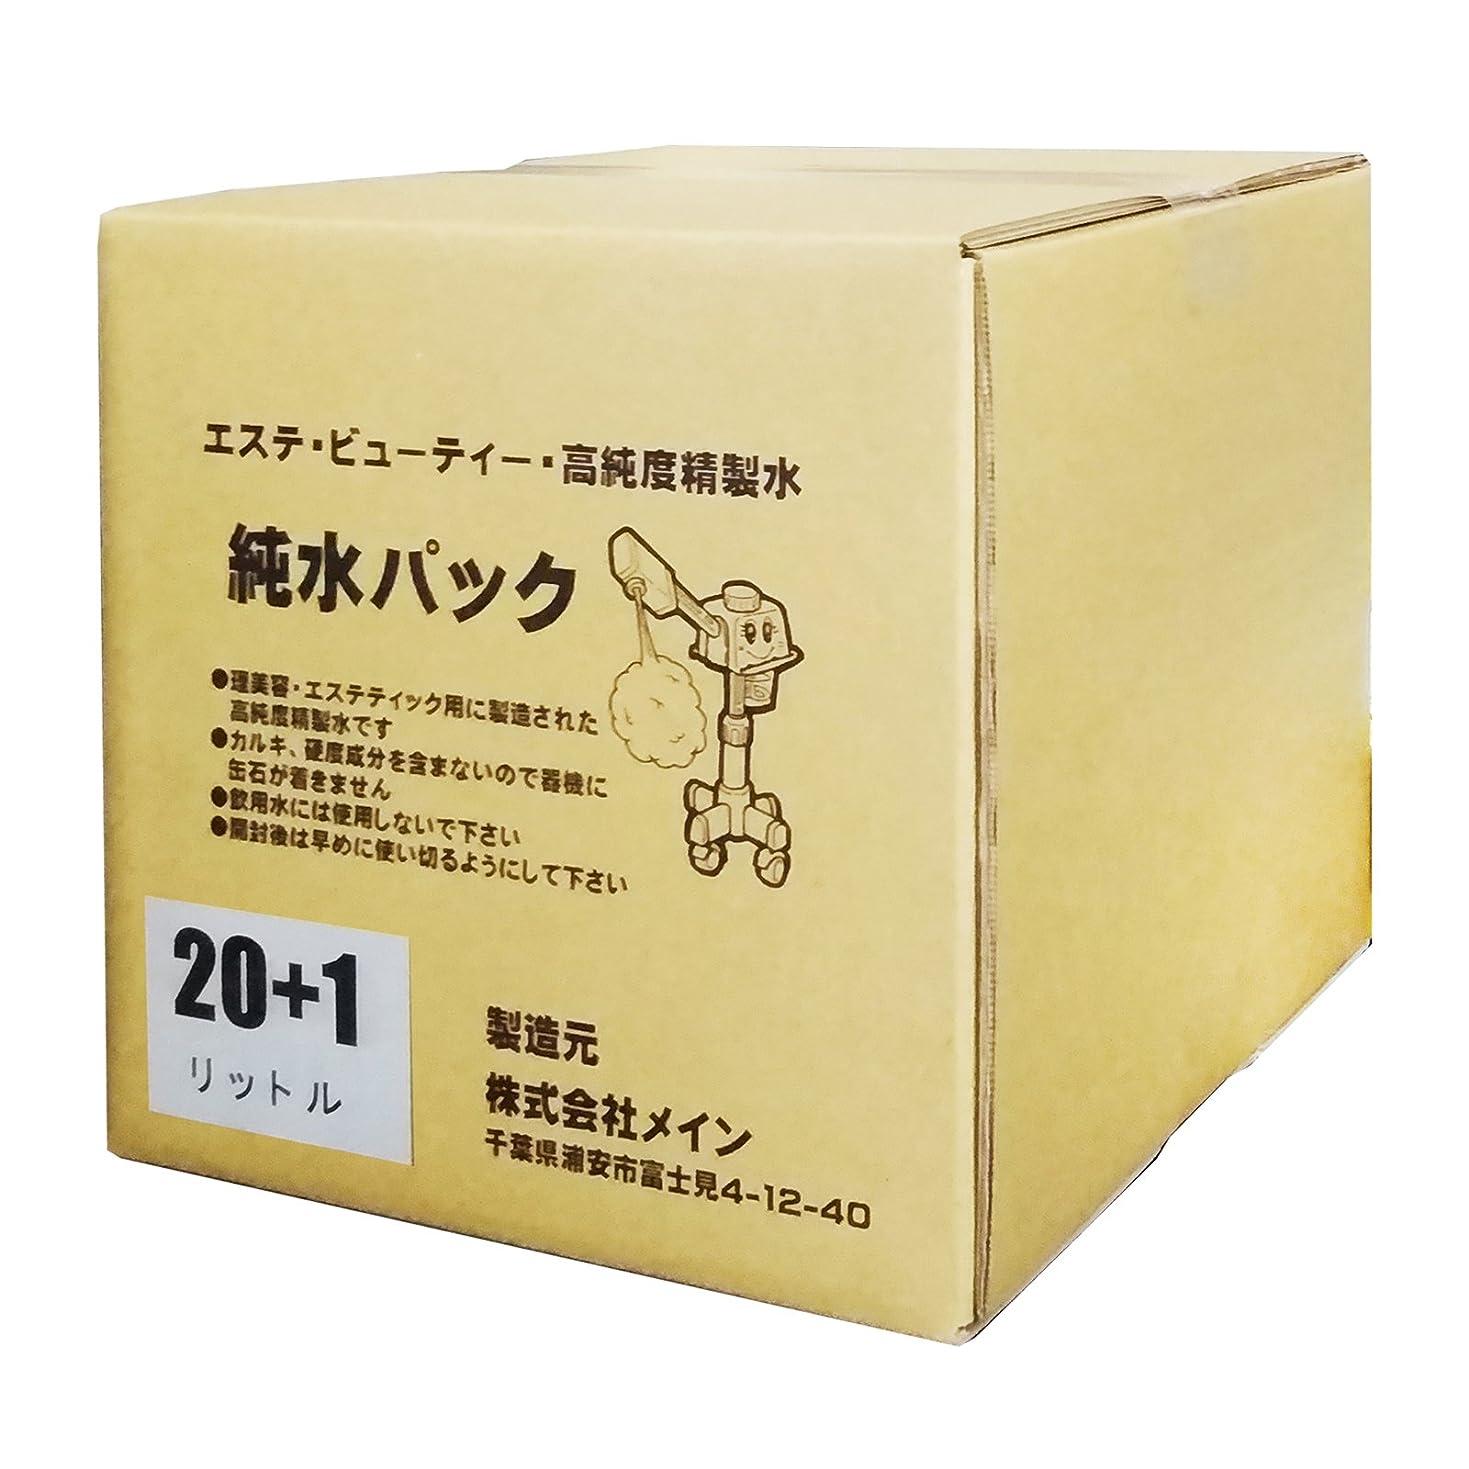 キッチンランチ幅増量中 21L 高純度 精製水 20 L + 1L 純水パック コック付 日本製 エステ スチーマー (1個)